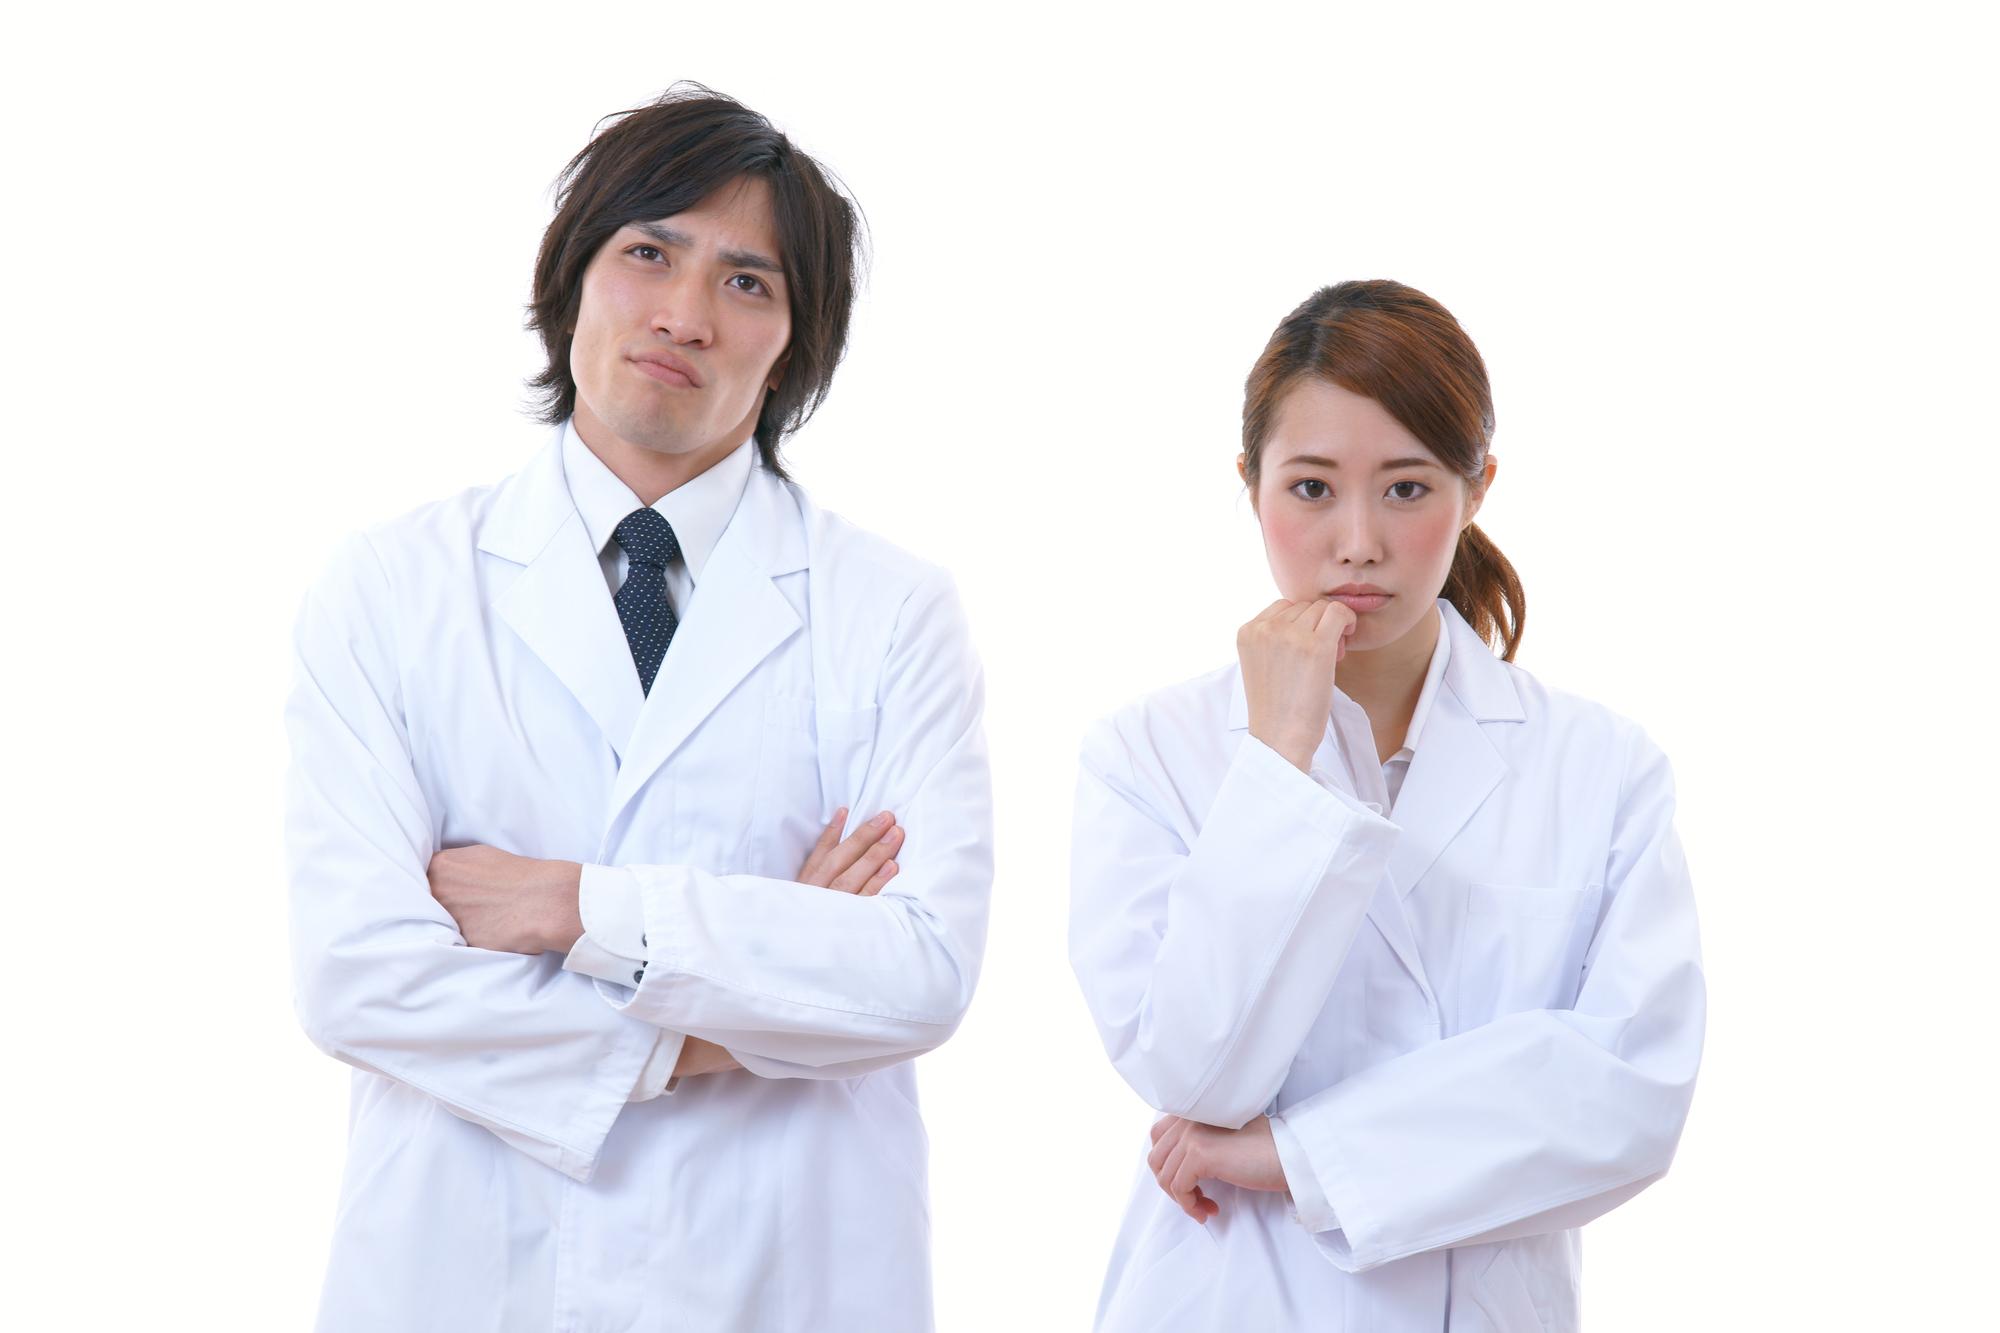 人間関係に悩んでいる薬剤師